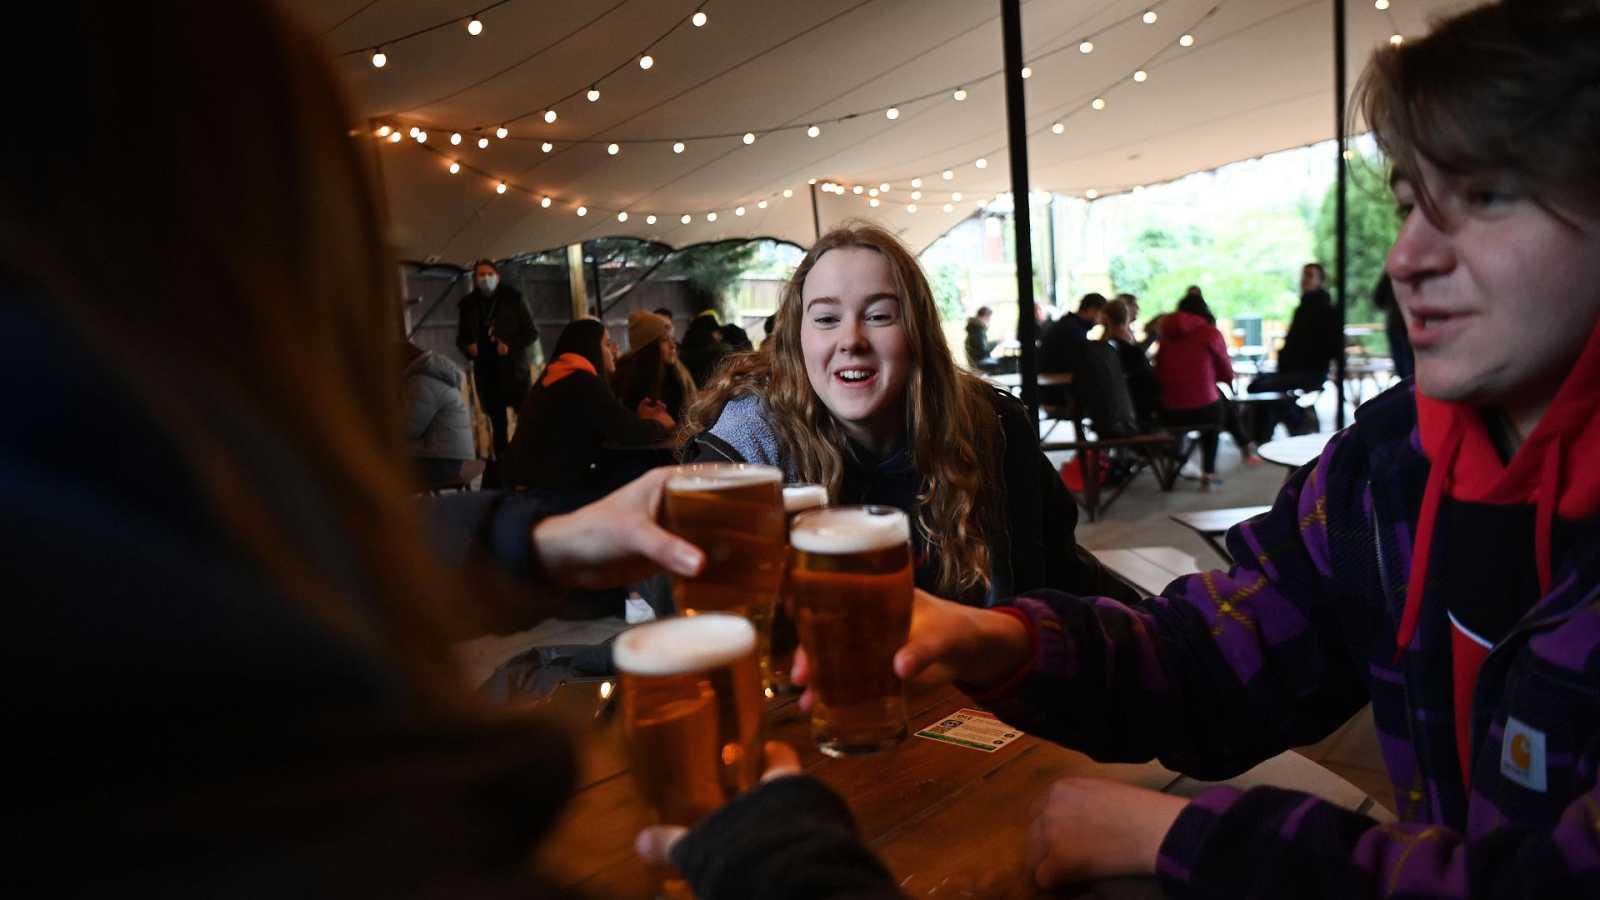 Los ingleses vuelven a bares, restaurantes, tiendas y peluquerías